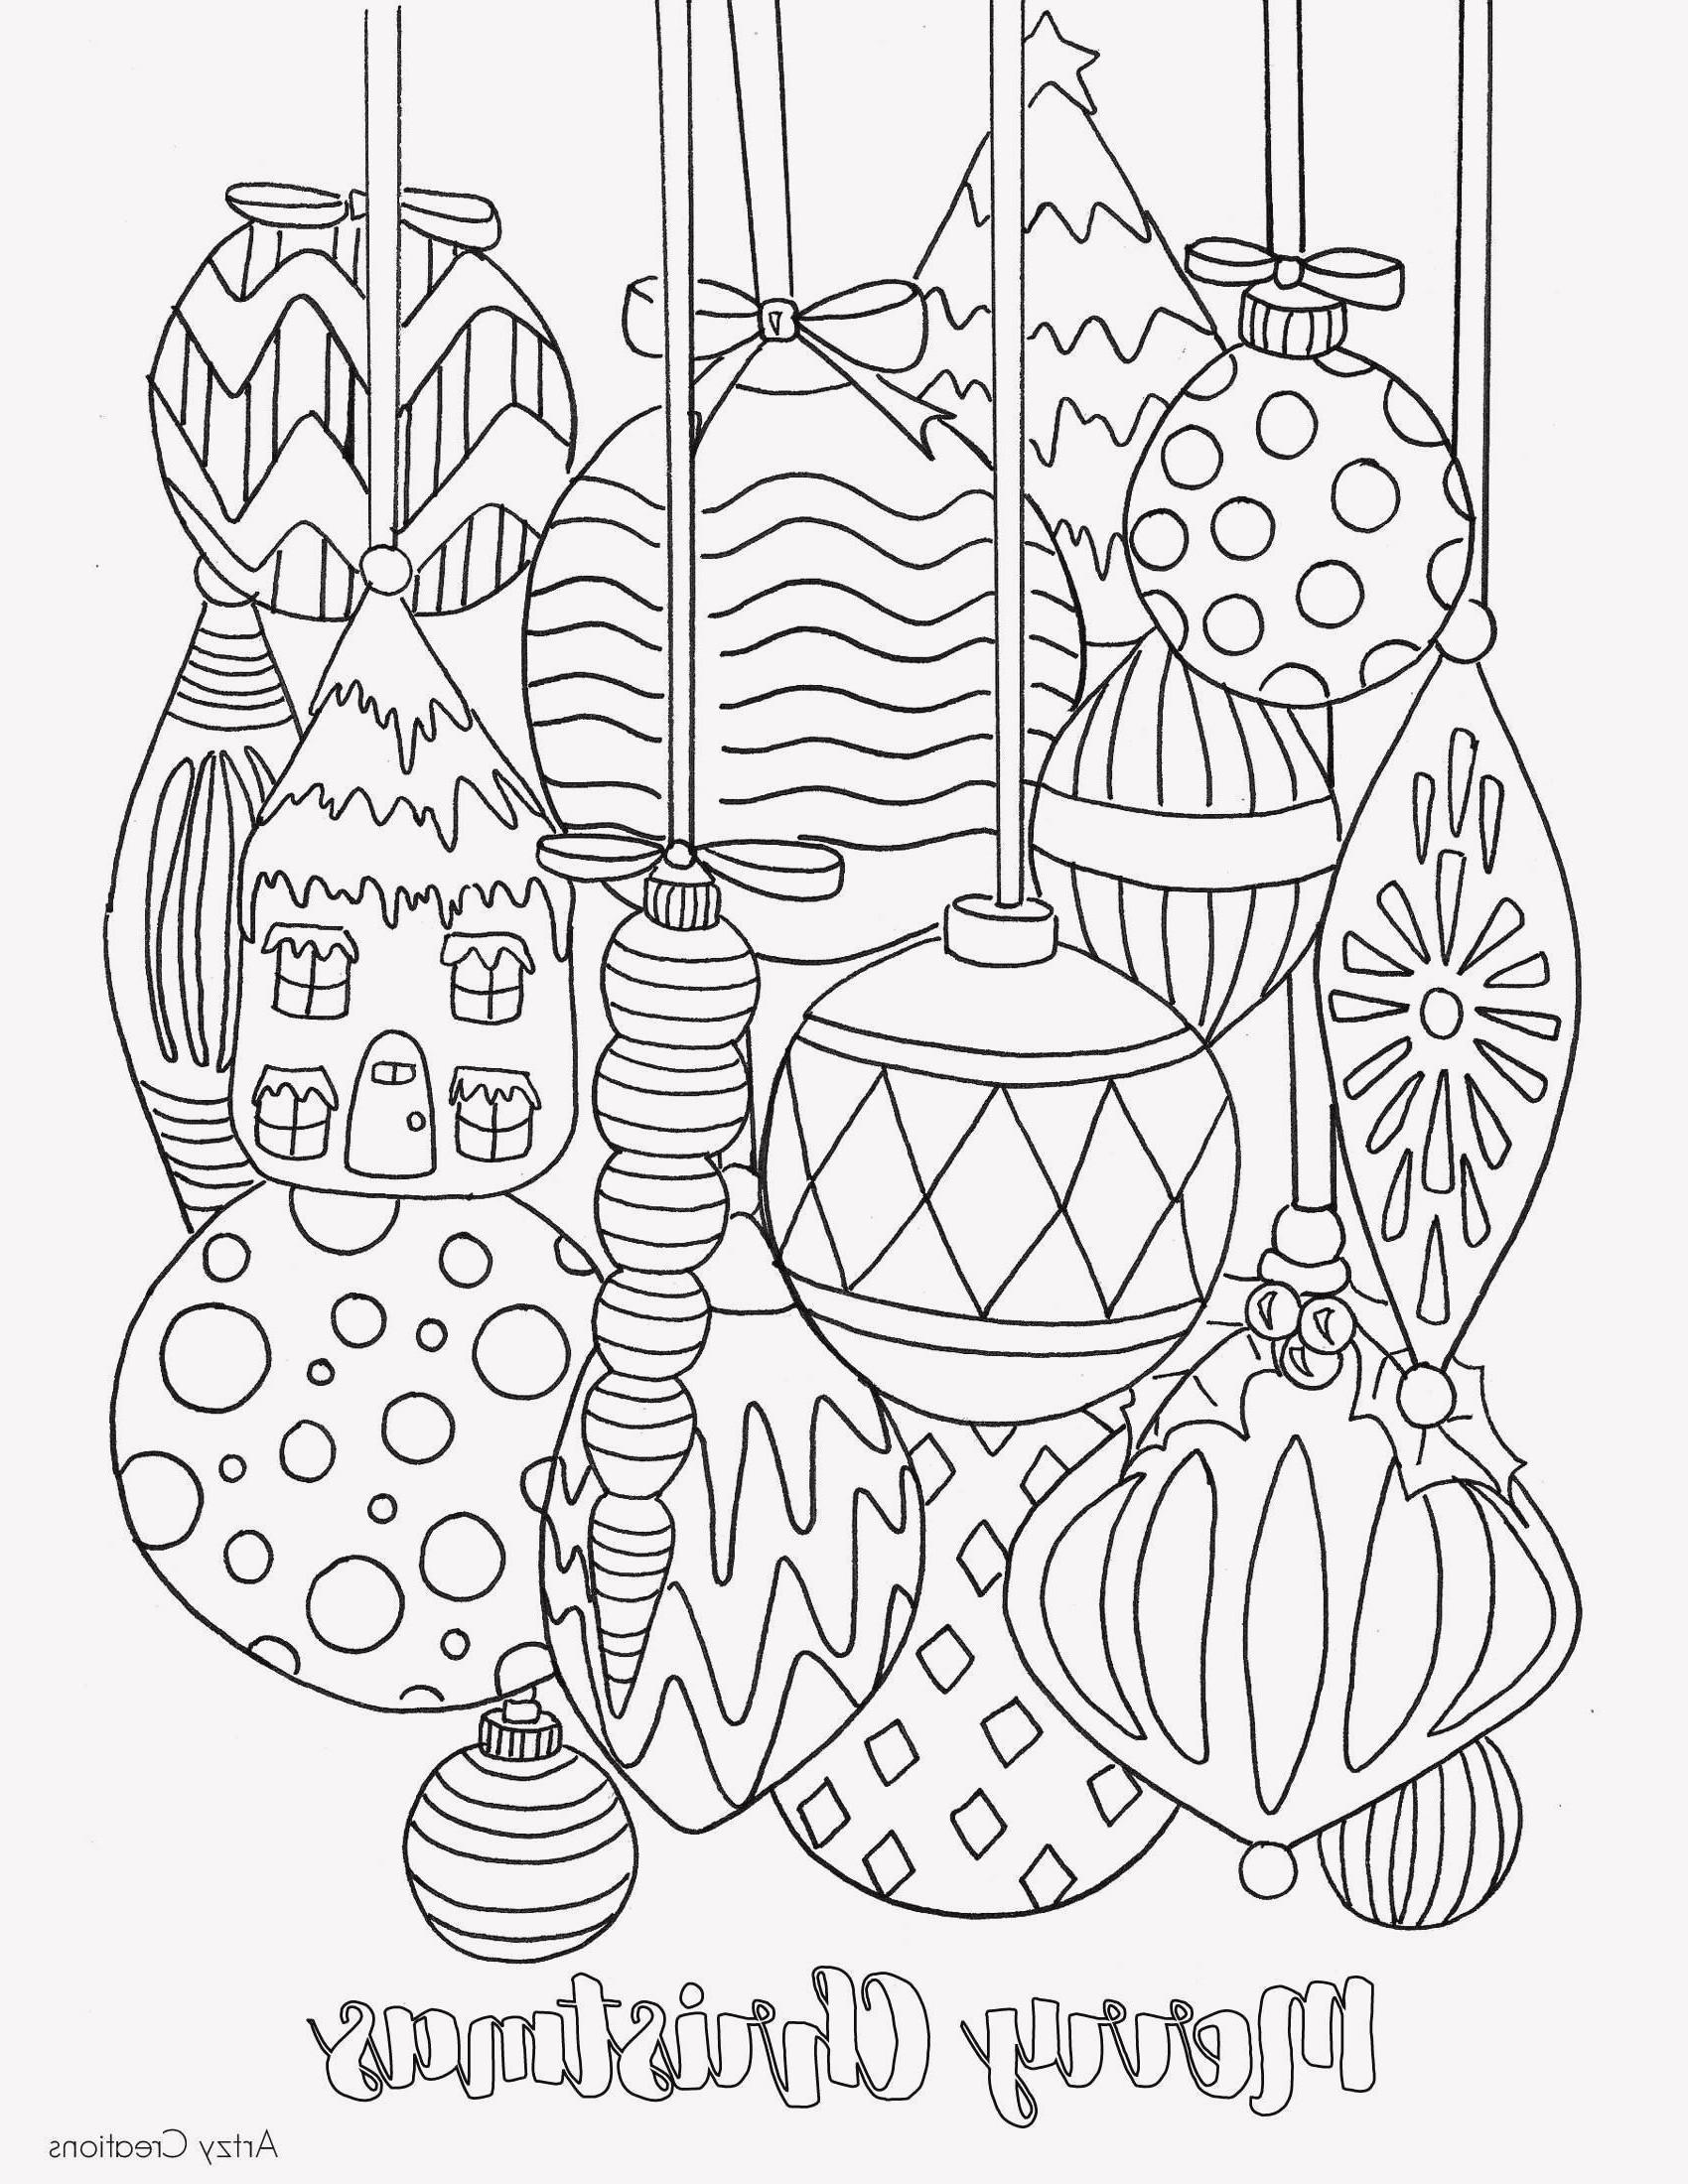 Ausmalbilder Von Violetta Inspirierend 31 Fantastisch Ausmalbilder Violetta – Malvorlagen Ideen Bild